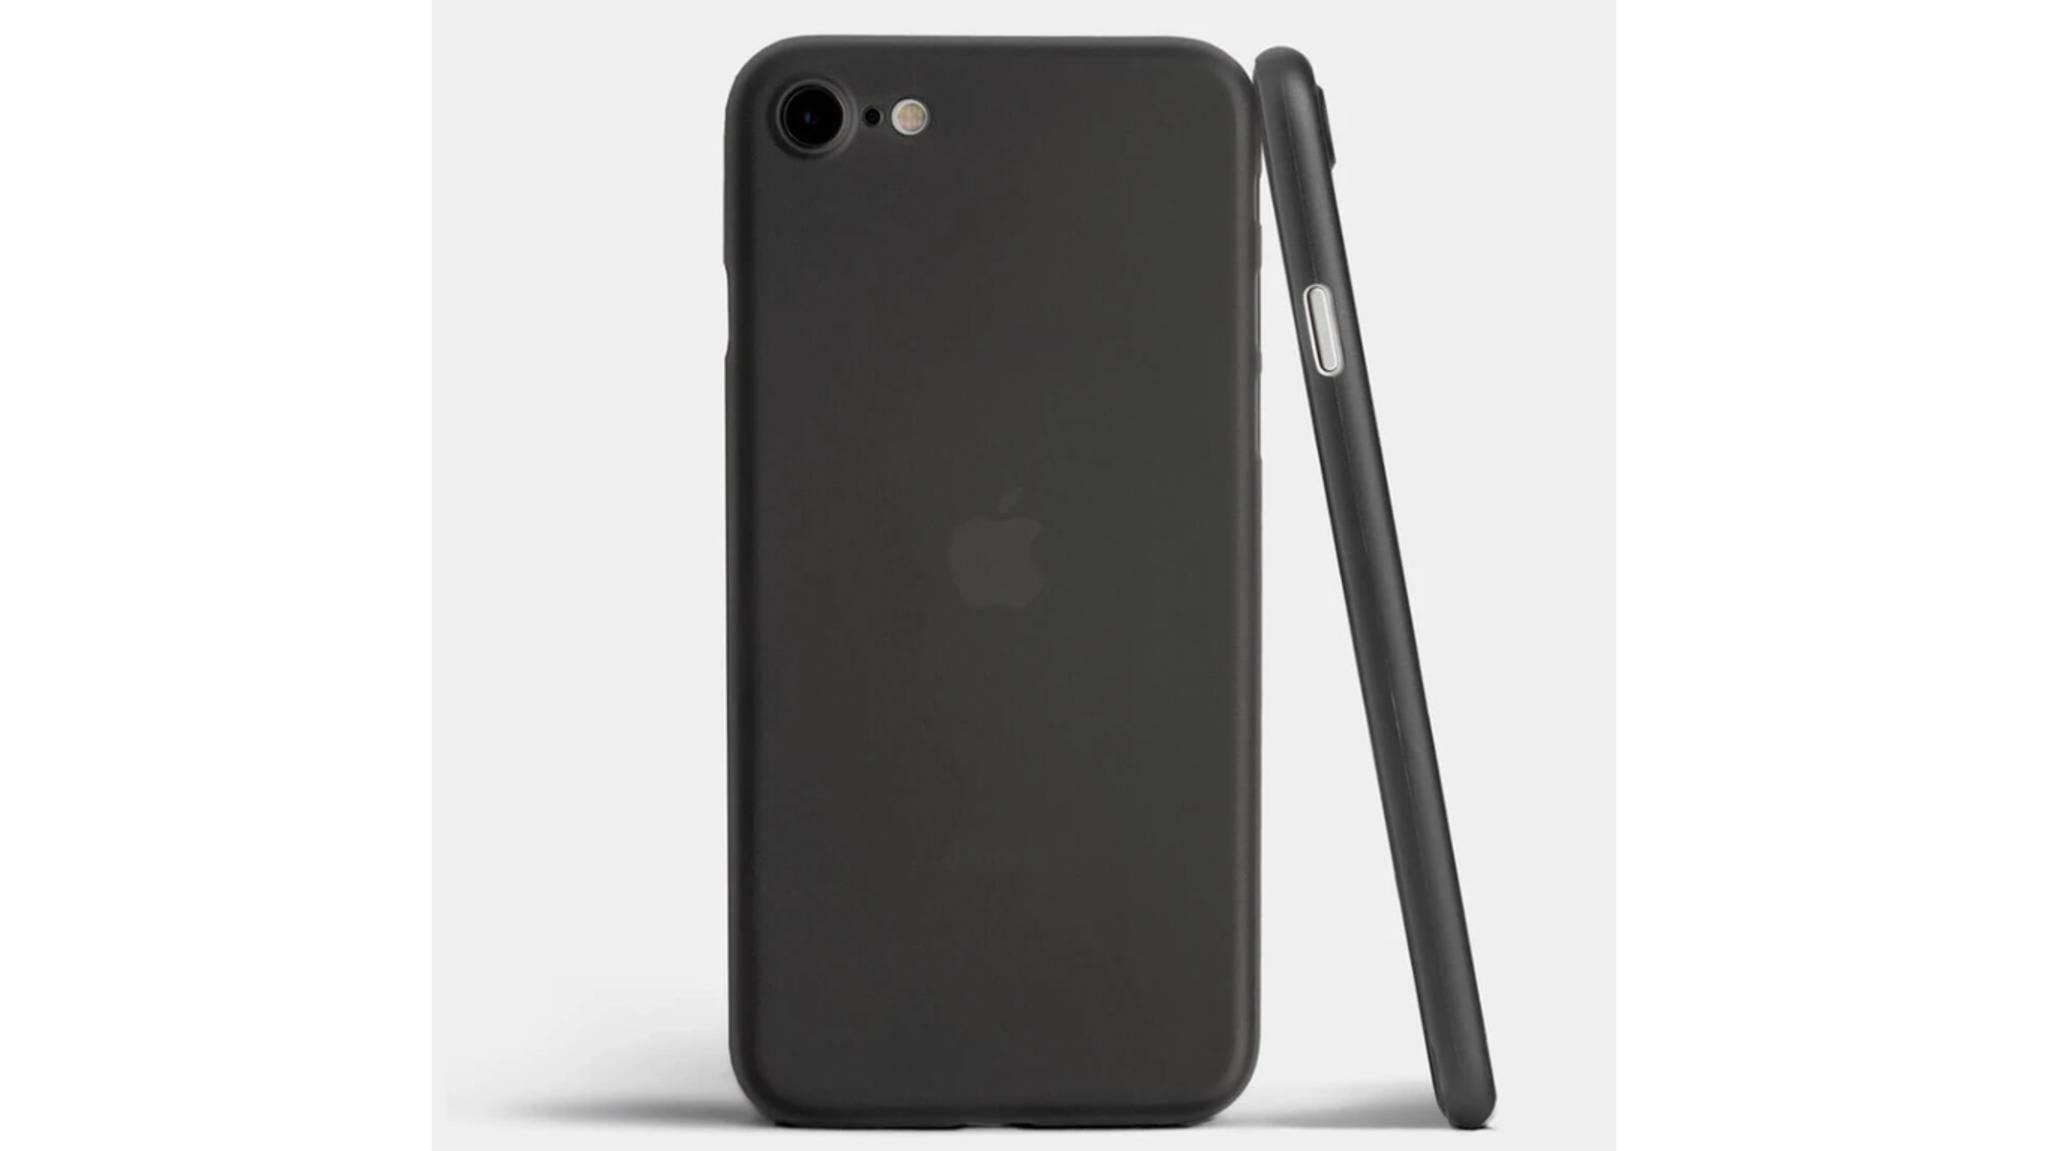 Der Hüllenmacher Totallee bietet dieses iPhone-SE-2-Case zur Vorbestellung an.